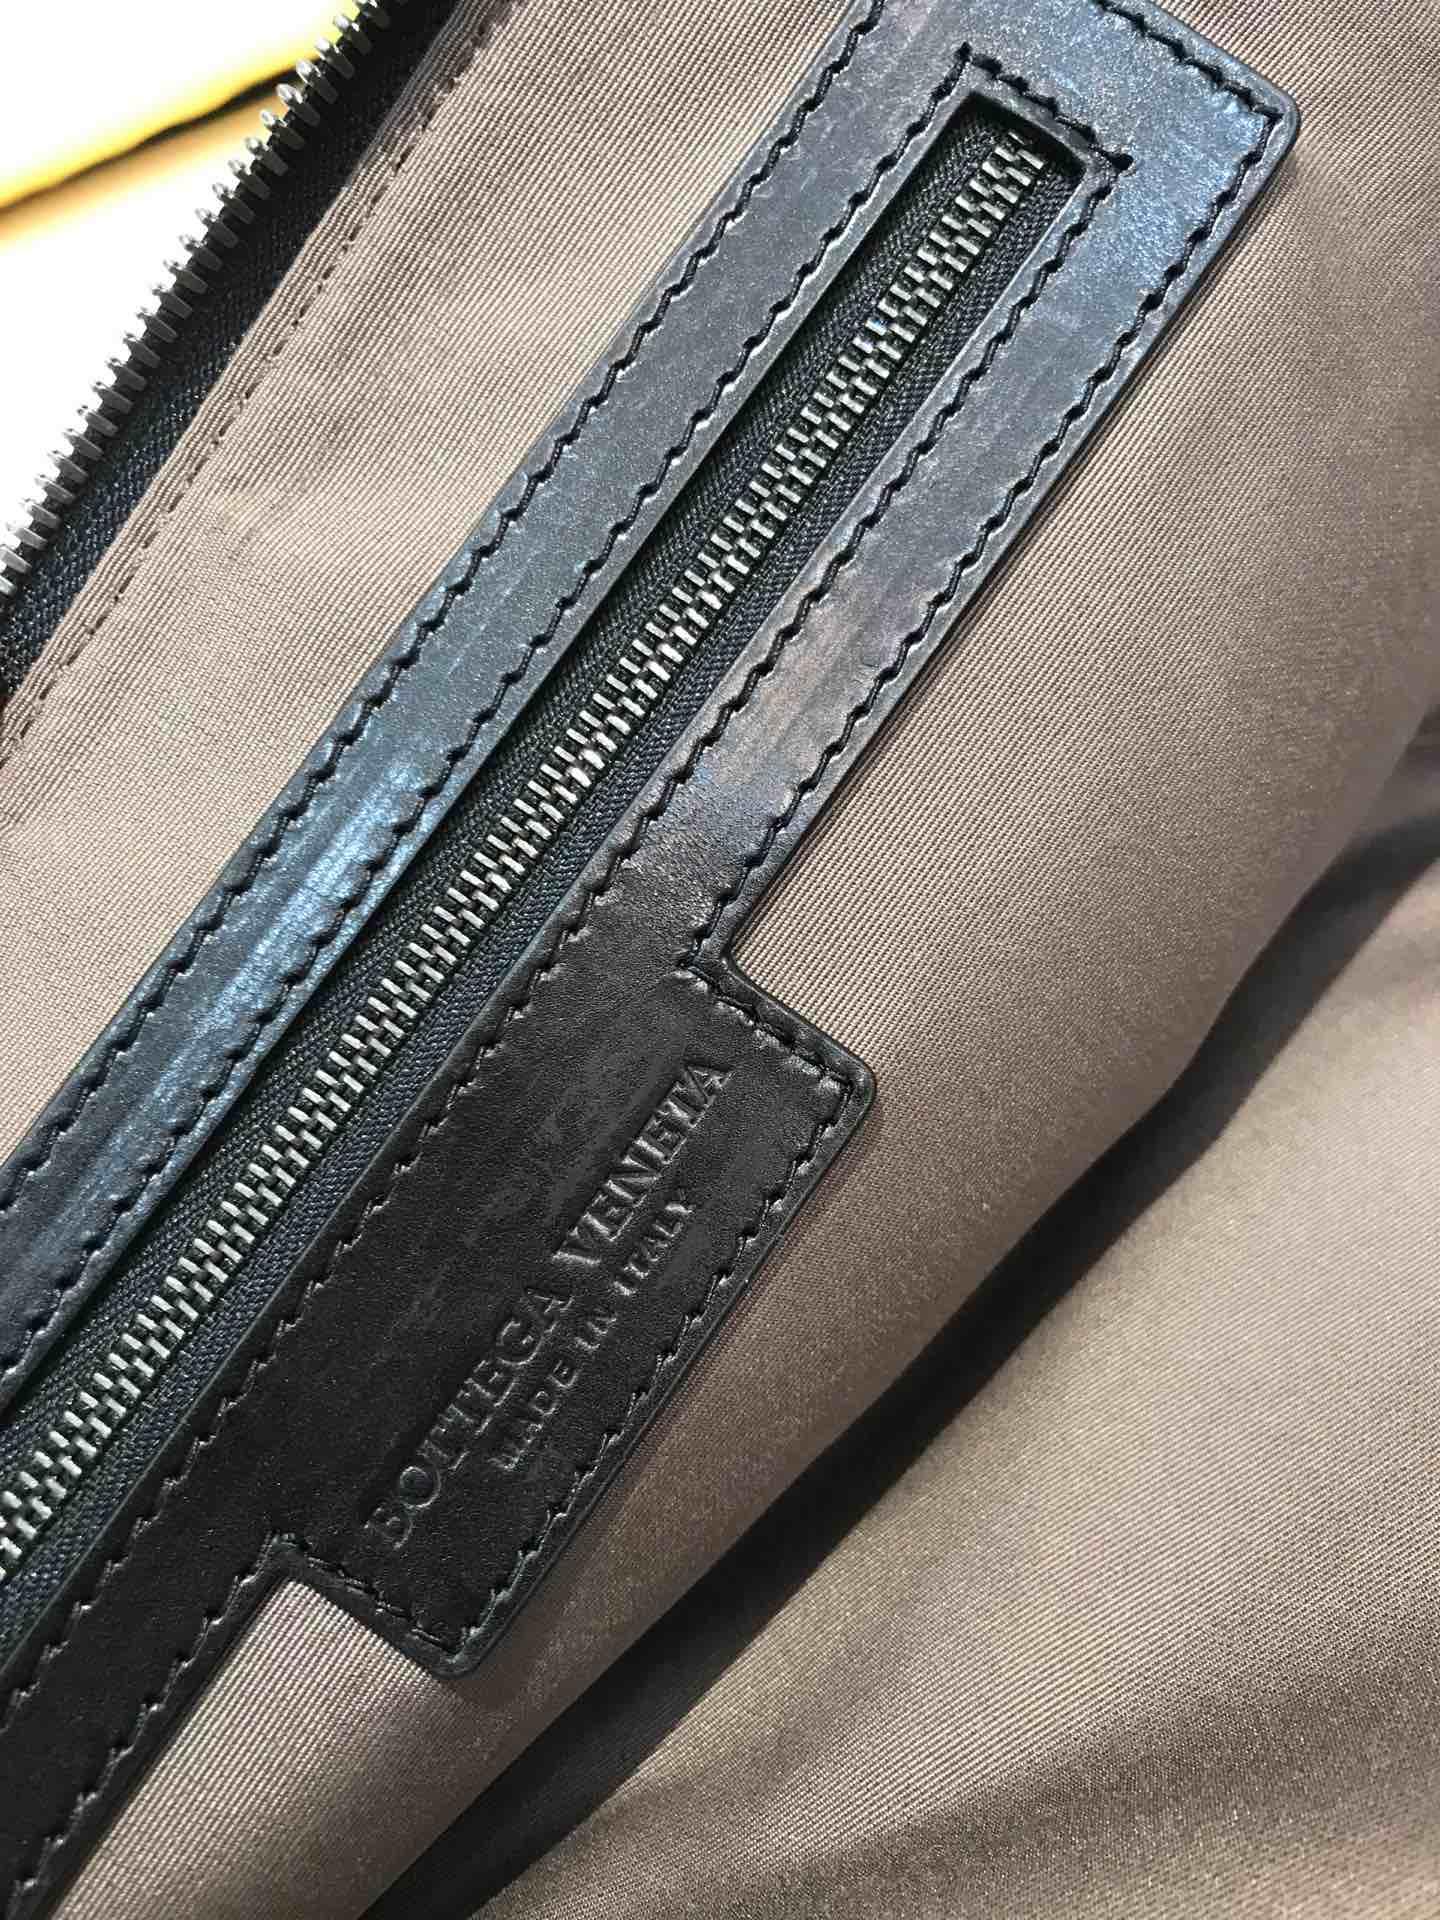 宝缇嘉 经典款男士手包 代购版7711顶级原版胎牛皮 26cm